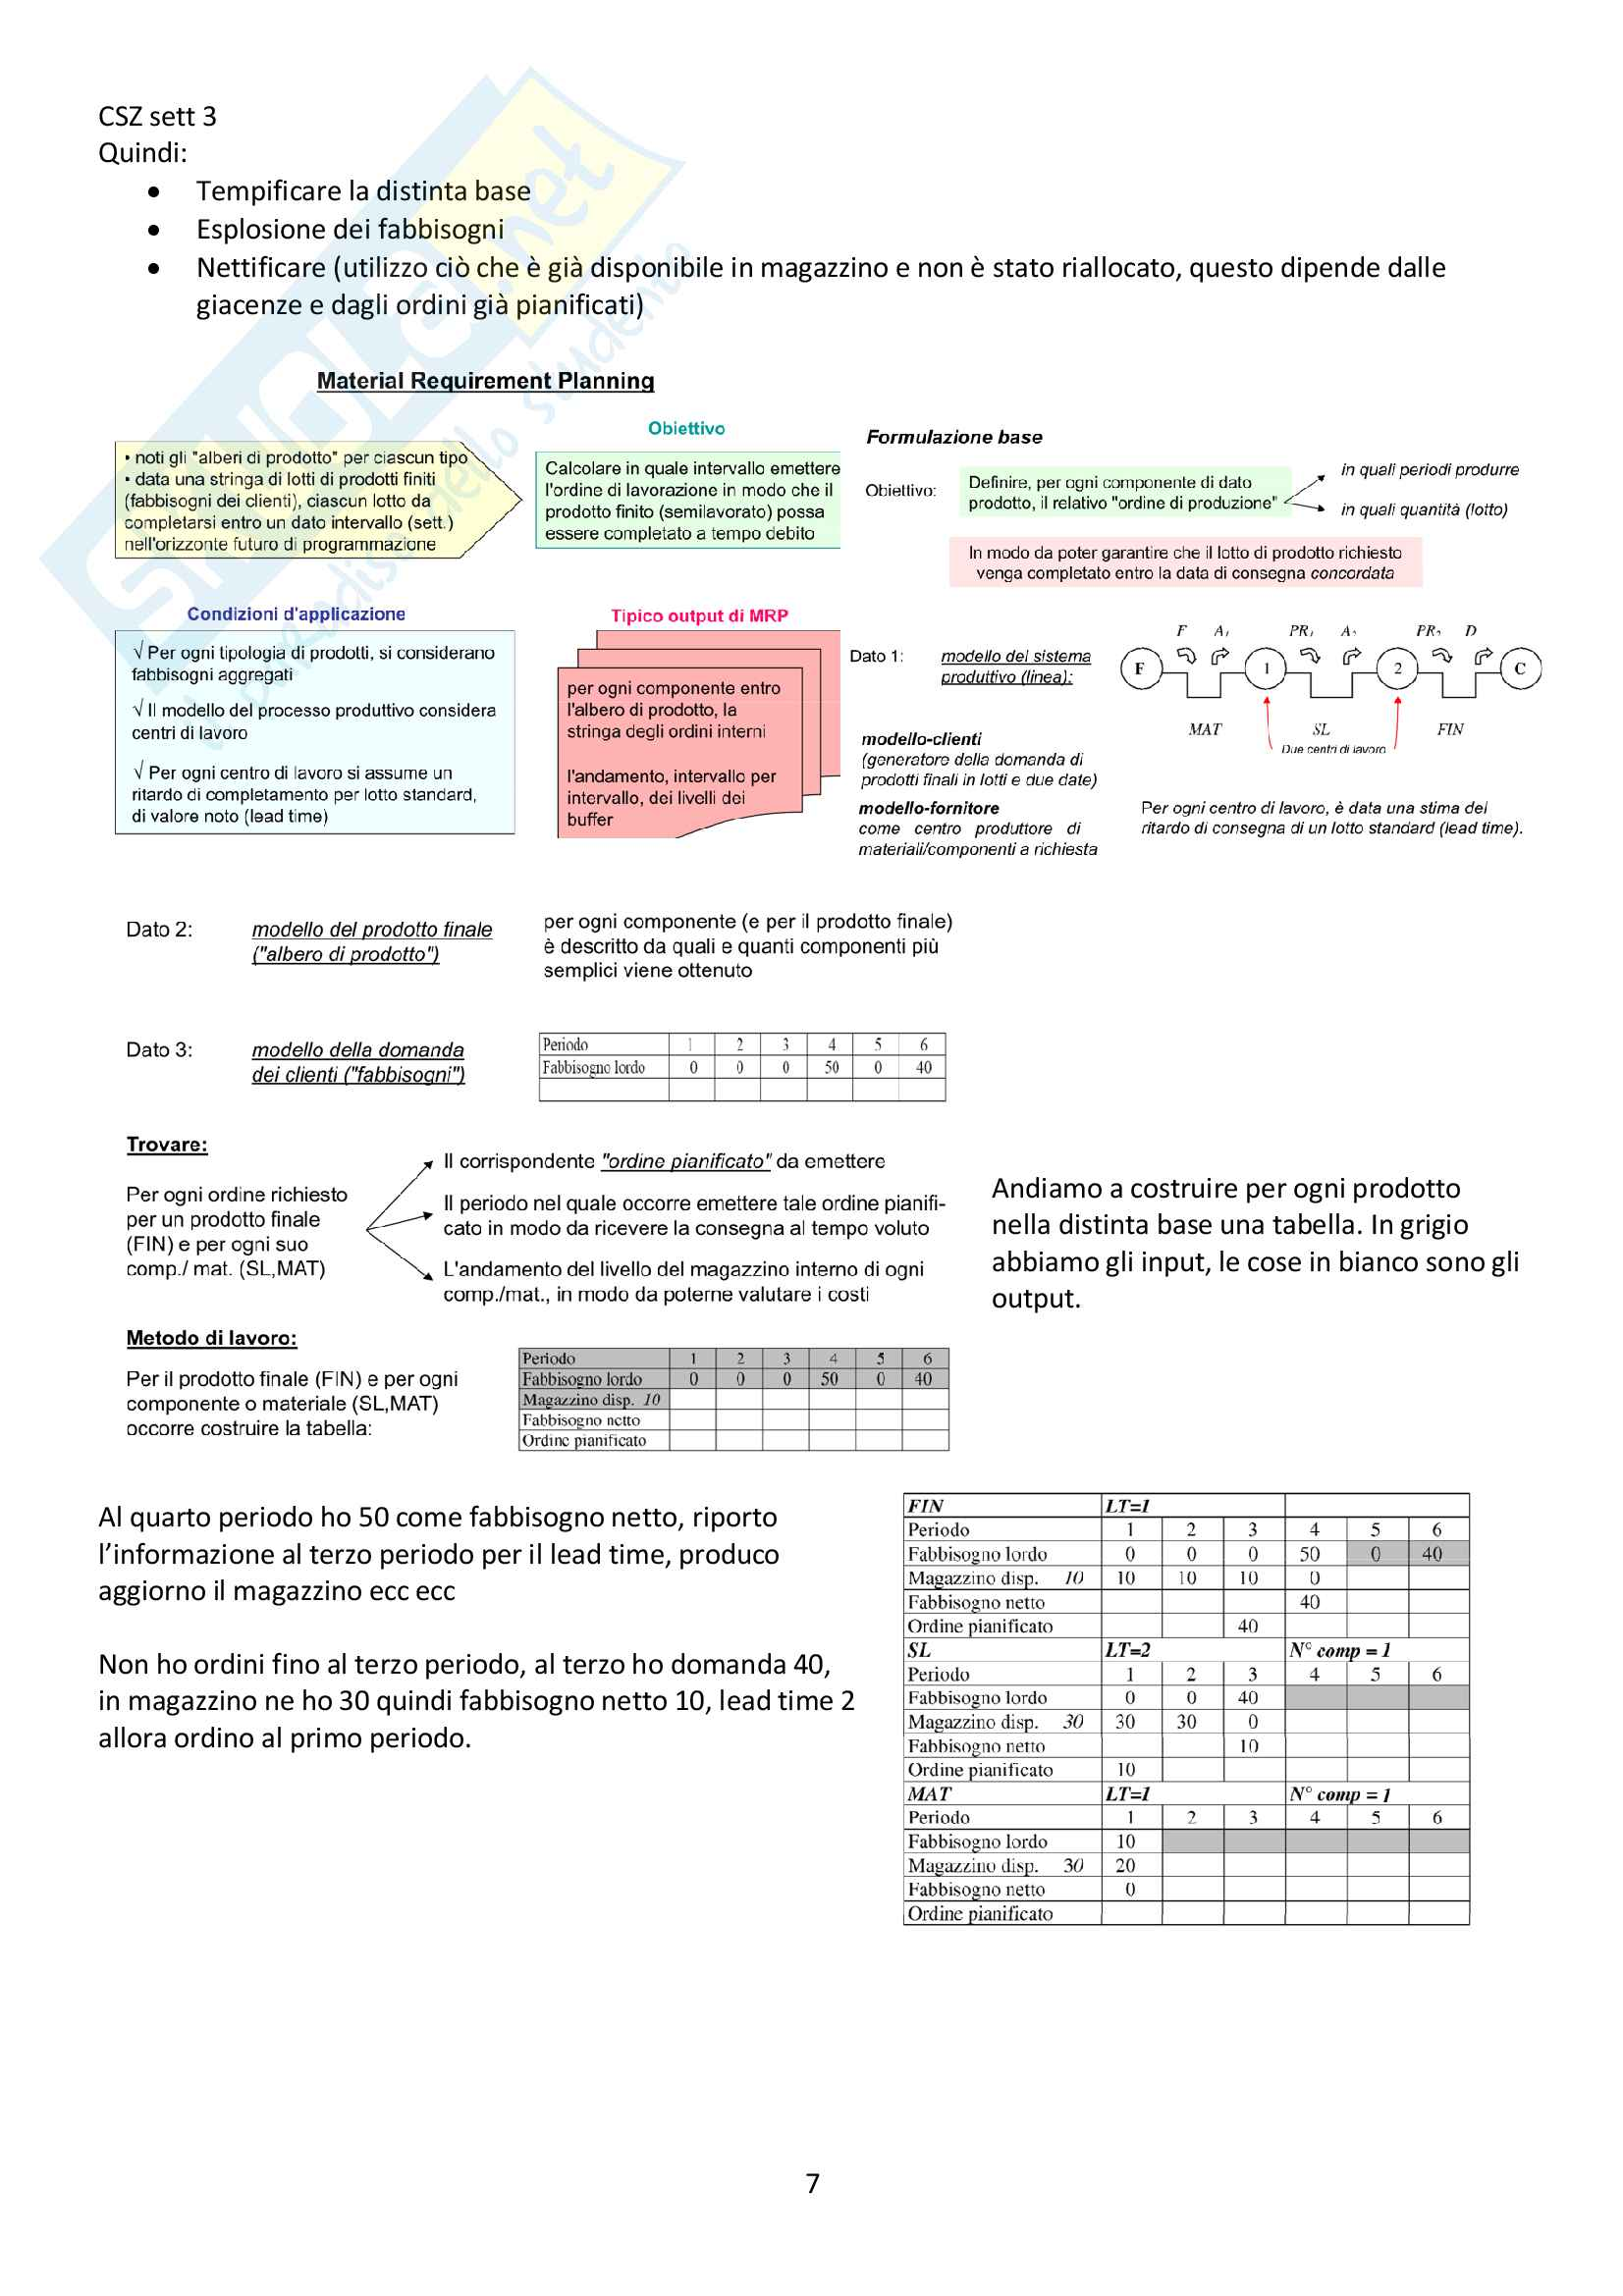 Appunti delle lezioni - Programmazione e controllo della produzione, Gisario Pag. 21